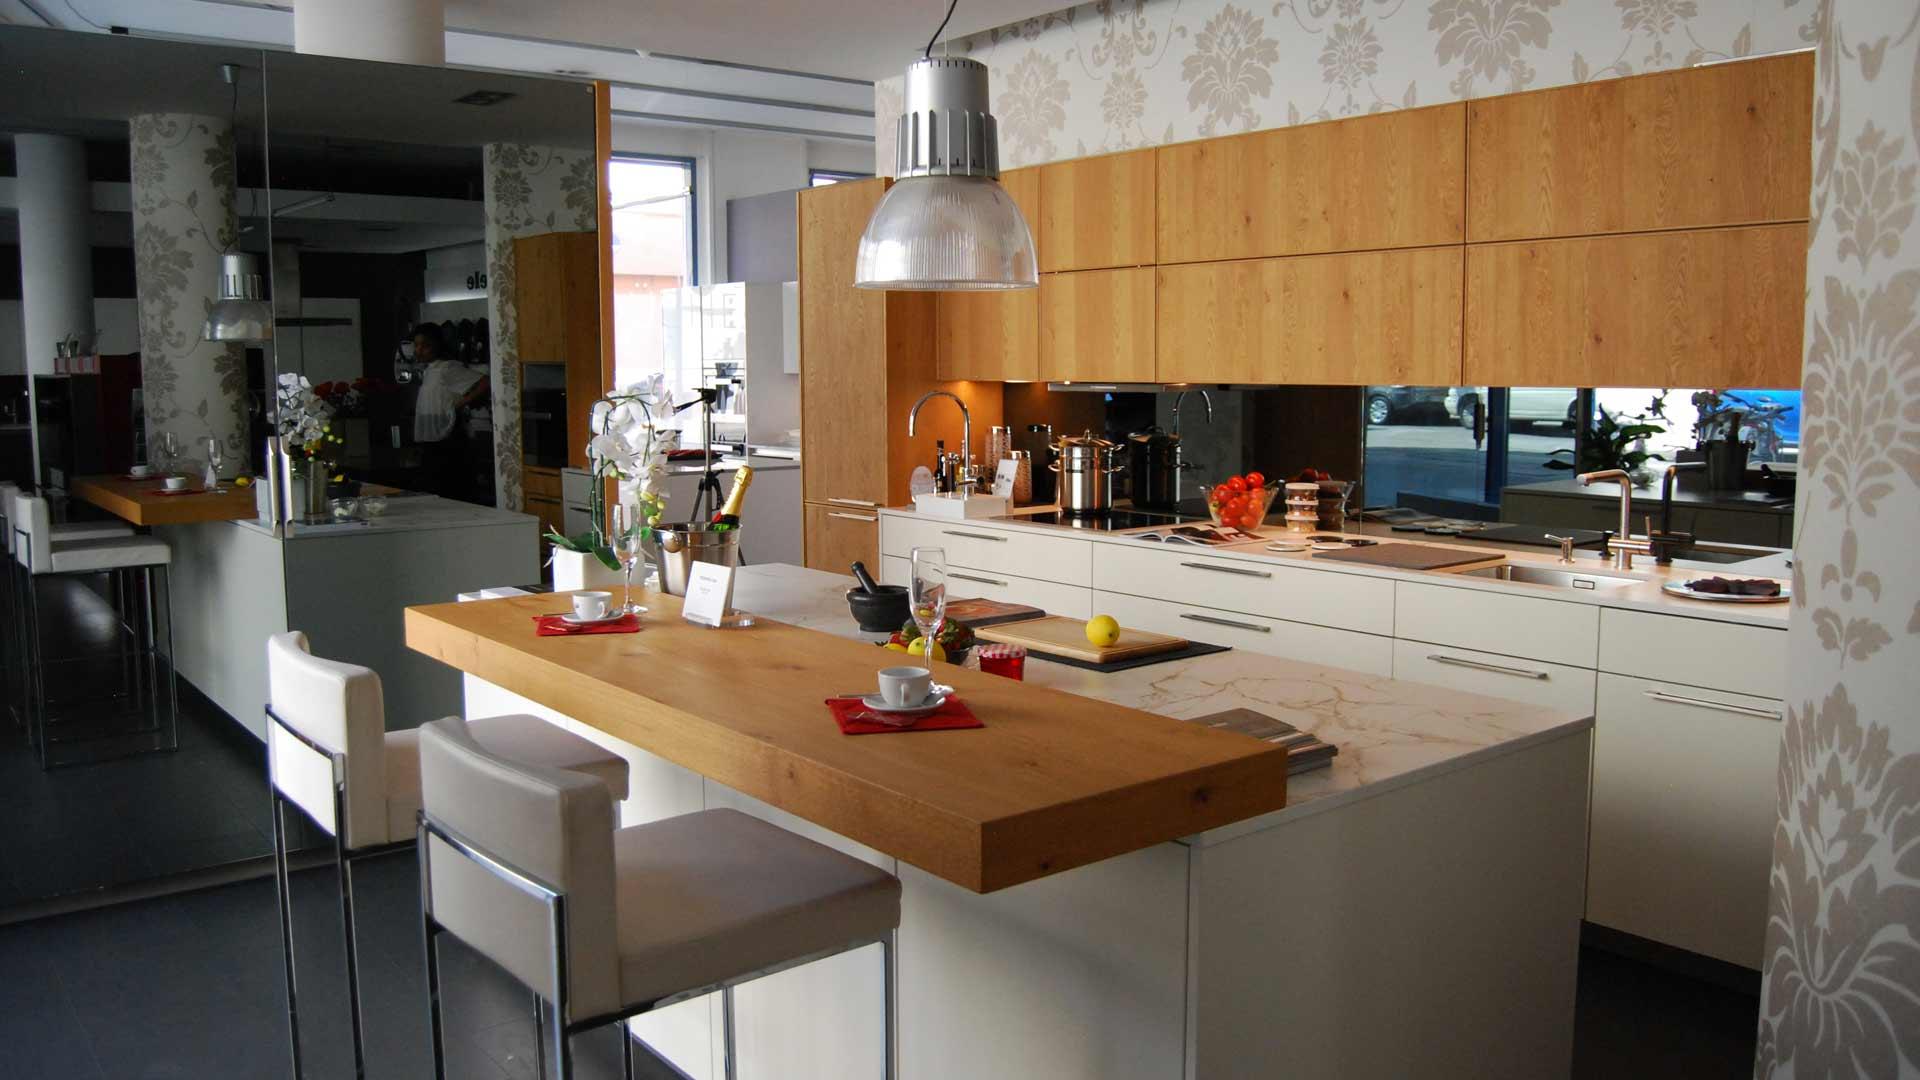 Beratung und Kompetenz von Miele Center Bauer für Ihre Küchenplanung in Wien